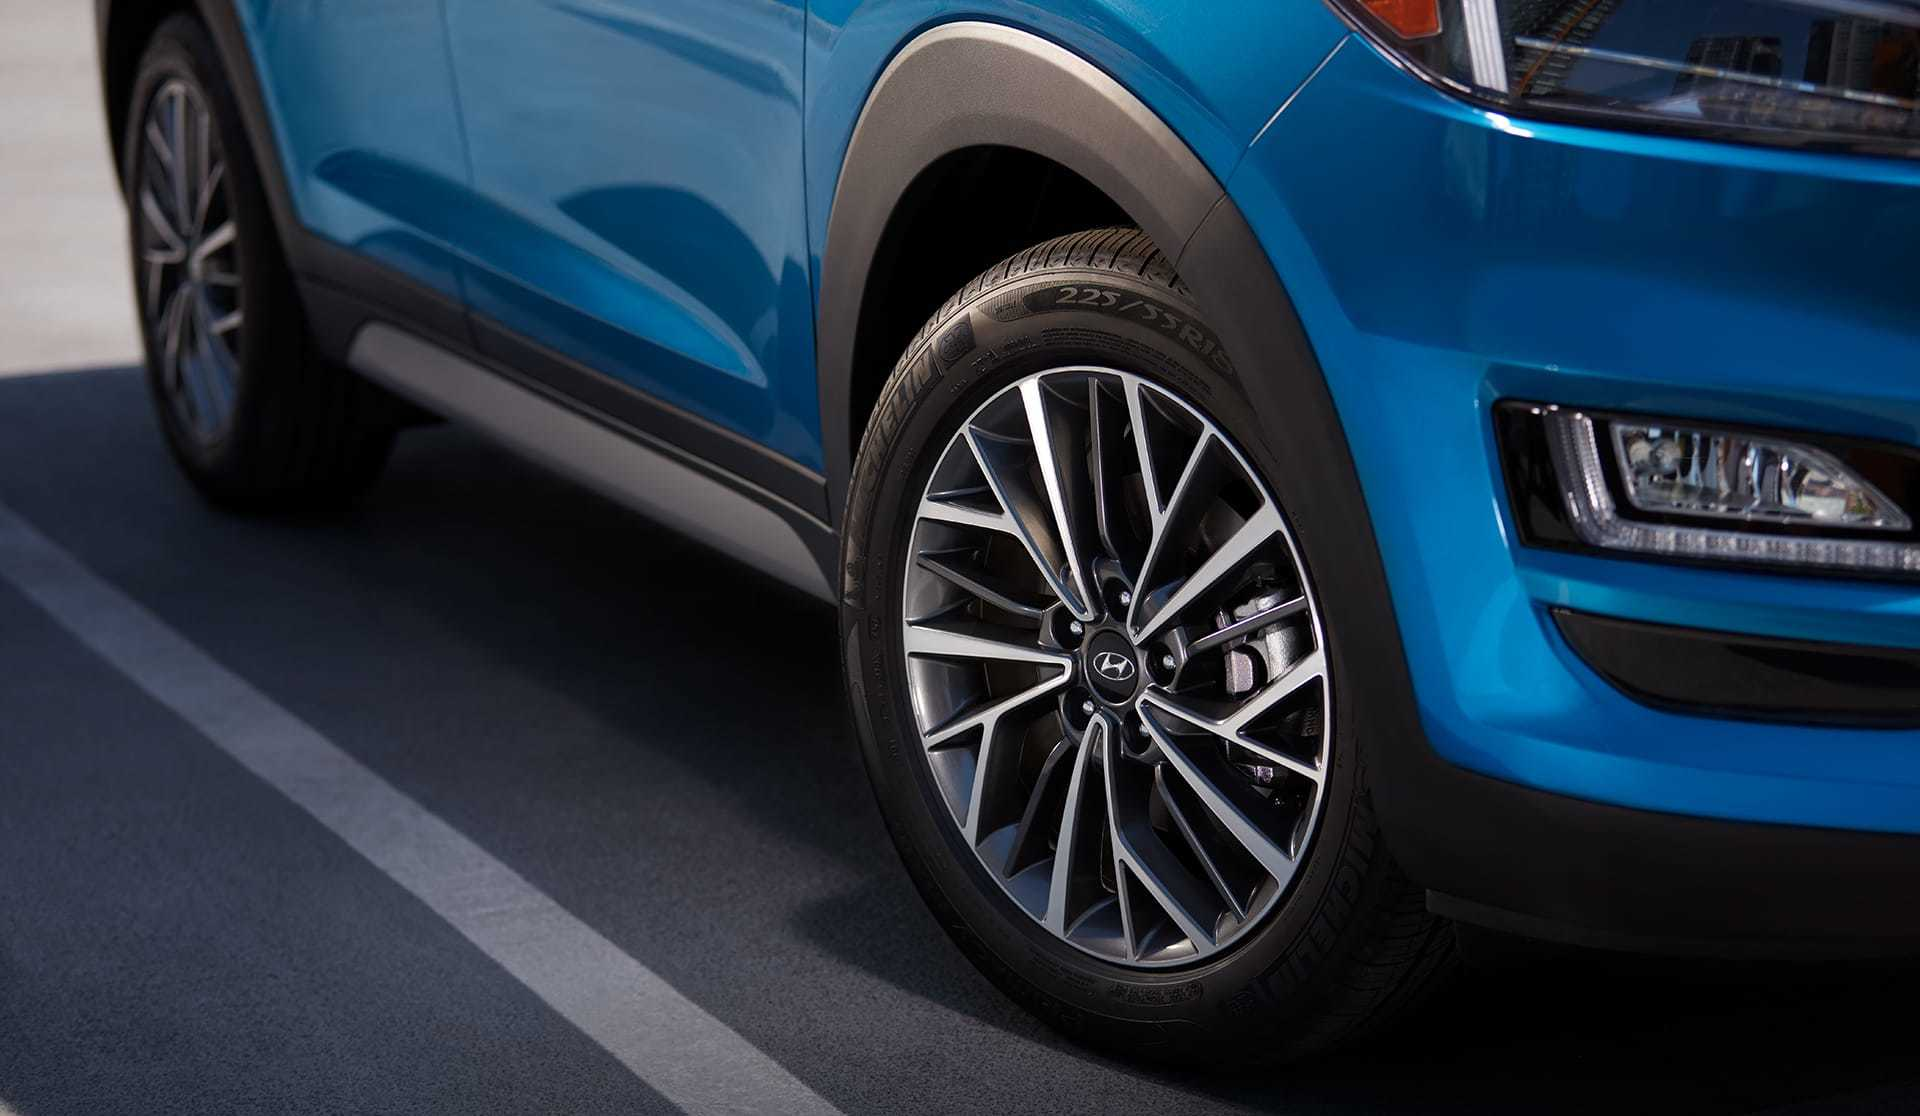 2020 Hyundai Tucson Exterior Details